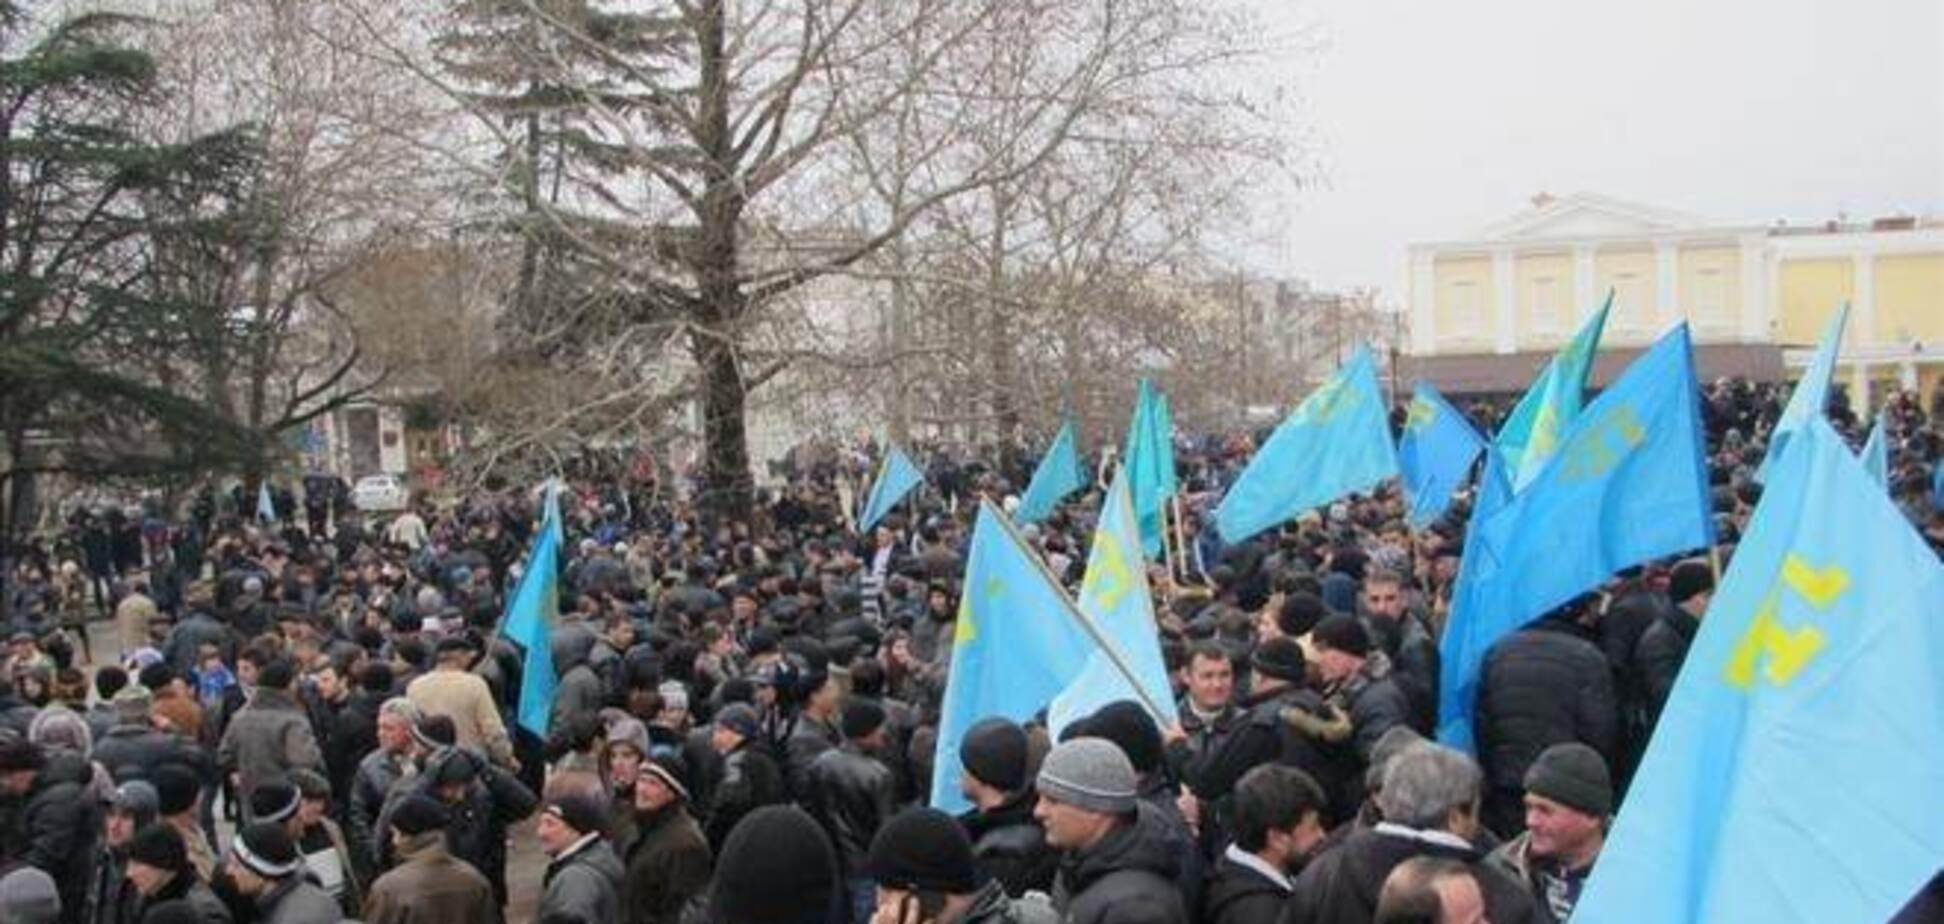 Джемилев сообщил, что уже 5 тыс. крымских татар выехали из Крыма